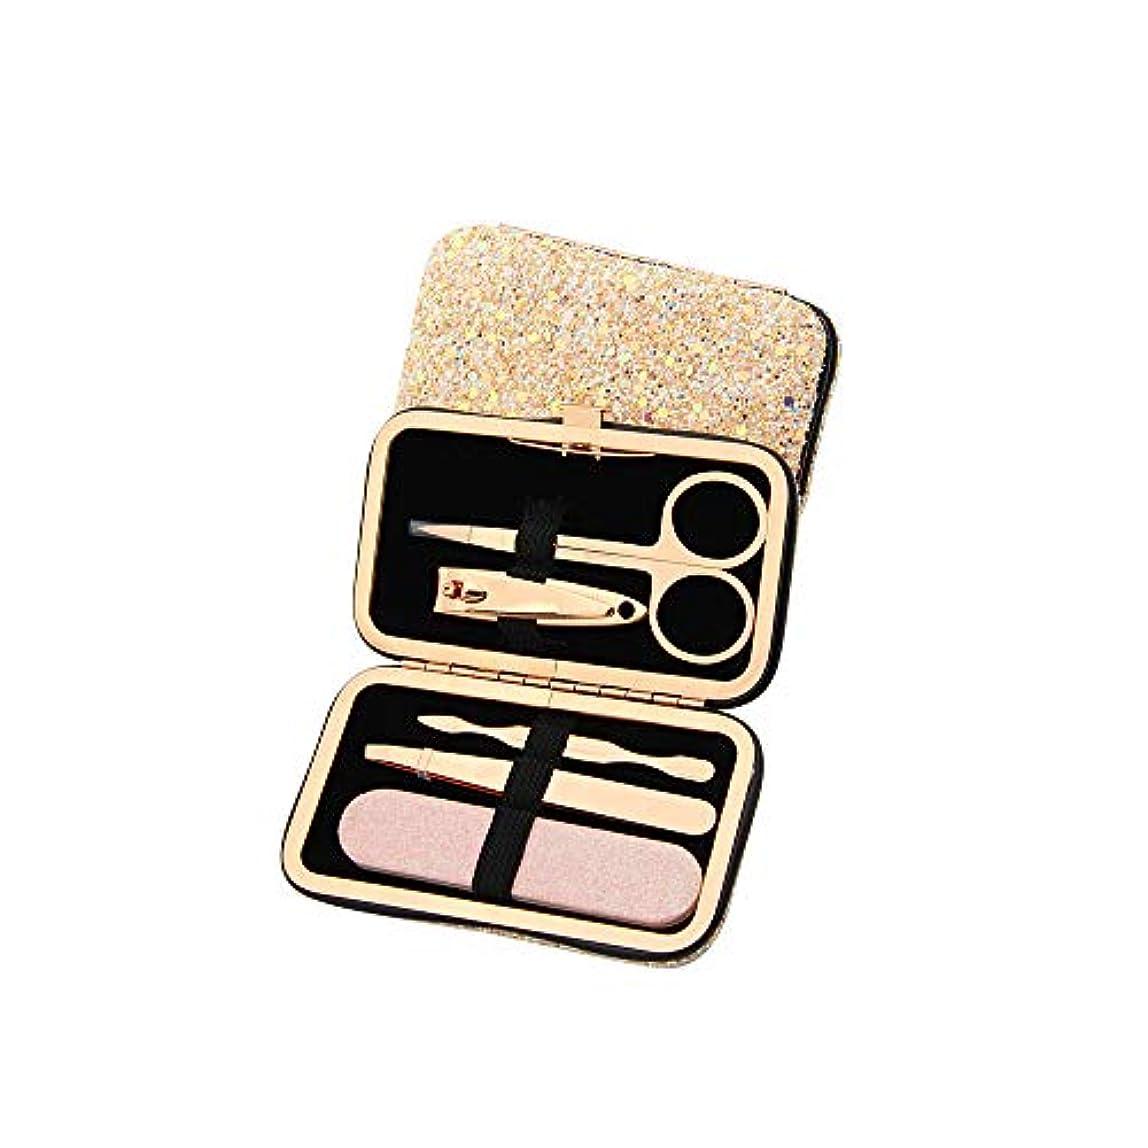 グローバルカタログ小川ファッション爪切りセット美容ネイルツールセット高級感溢れる収納ケース付き、ローズゴールド、5点セット